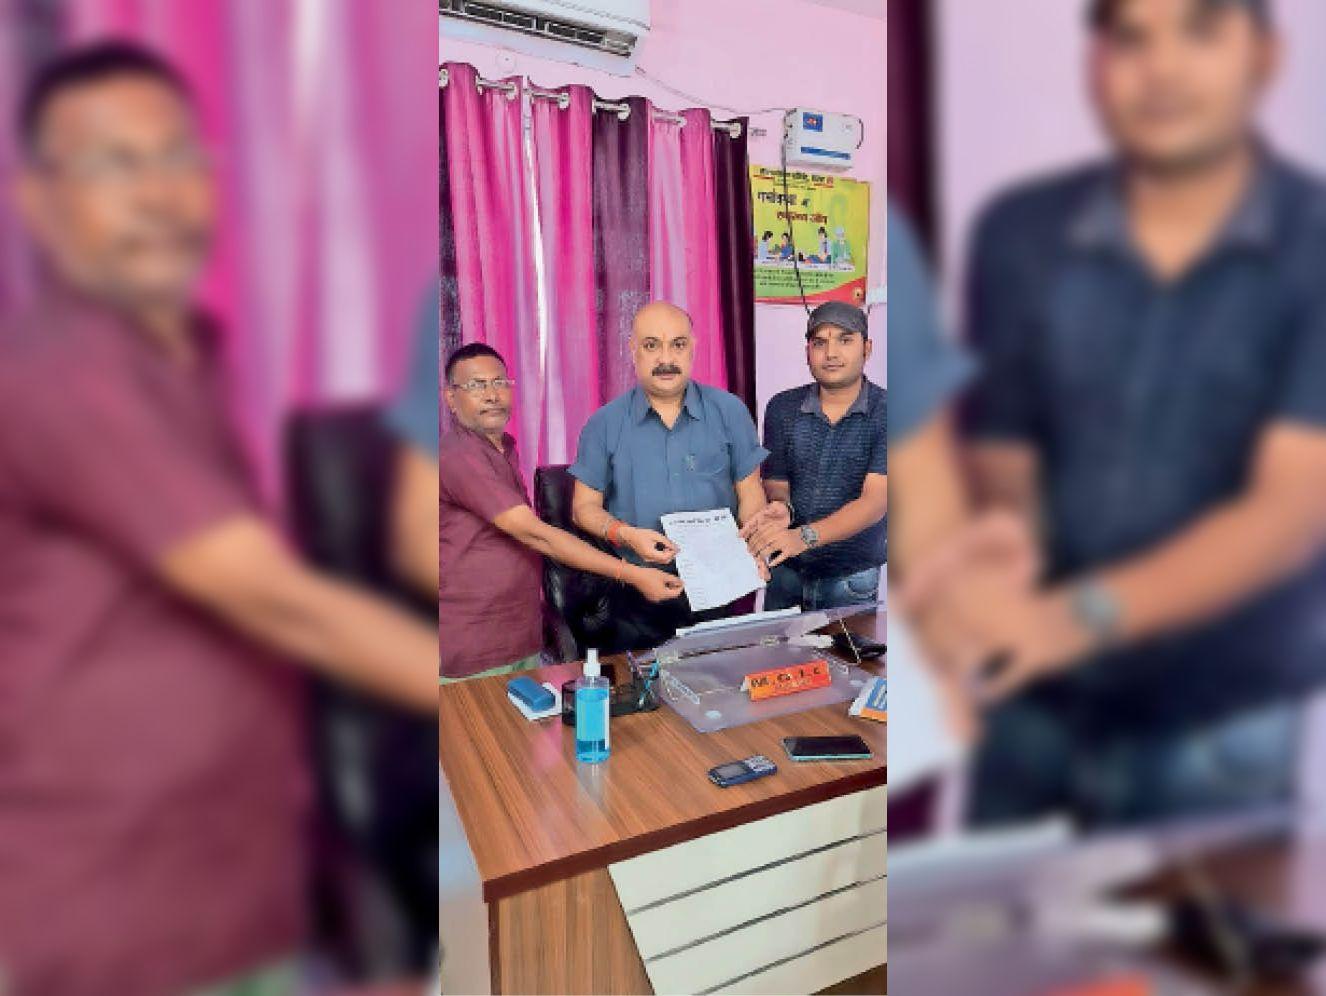 सुगौली में मेडिकल टीम को धन्यवाद देते व्यावसायिक संघ के सदस्य। - Dainik Bhaskar